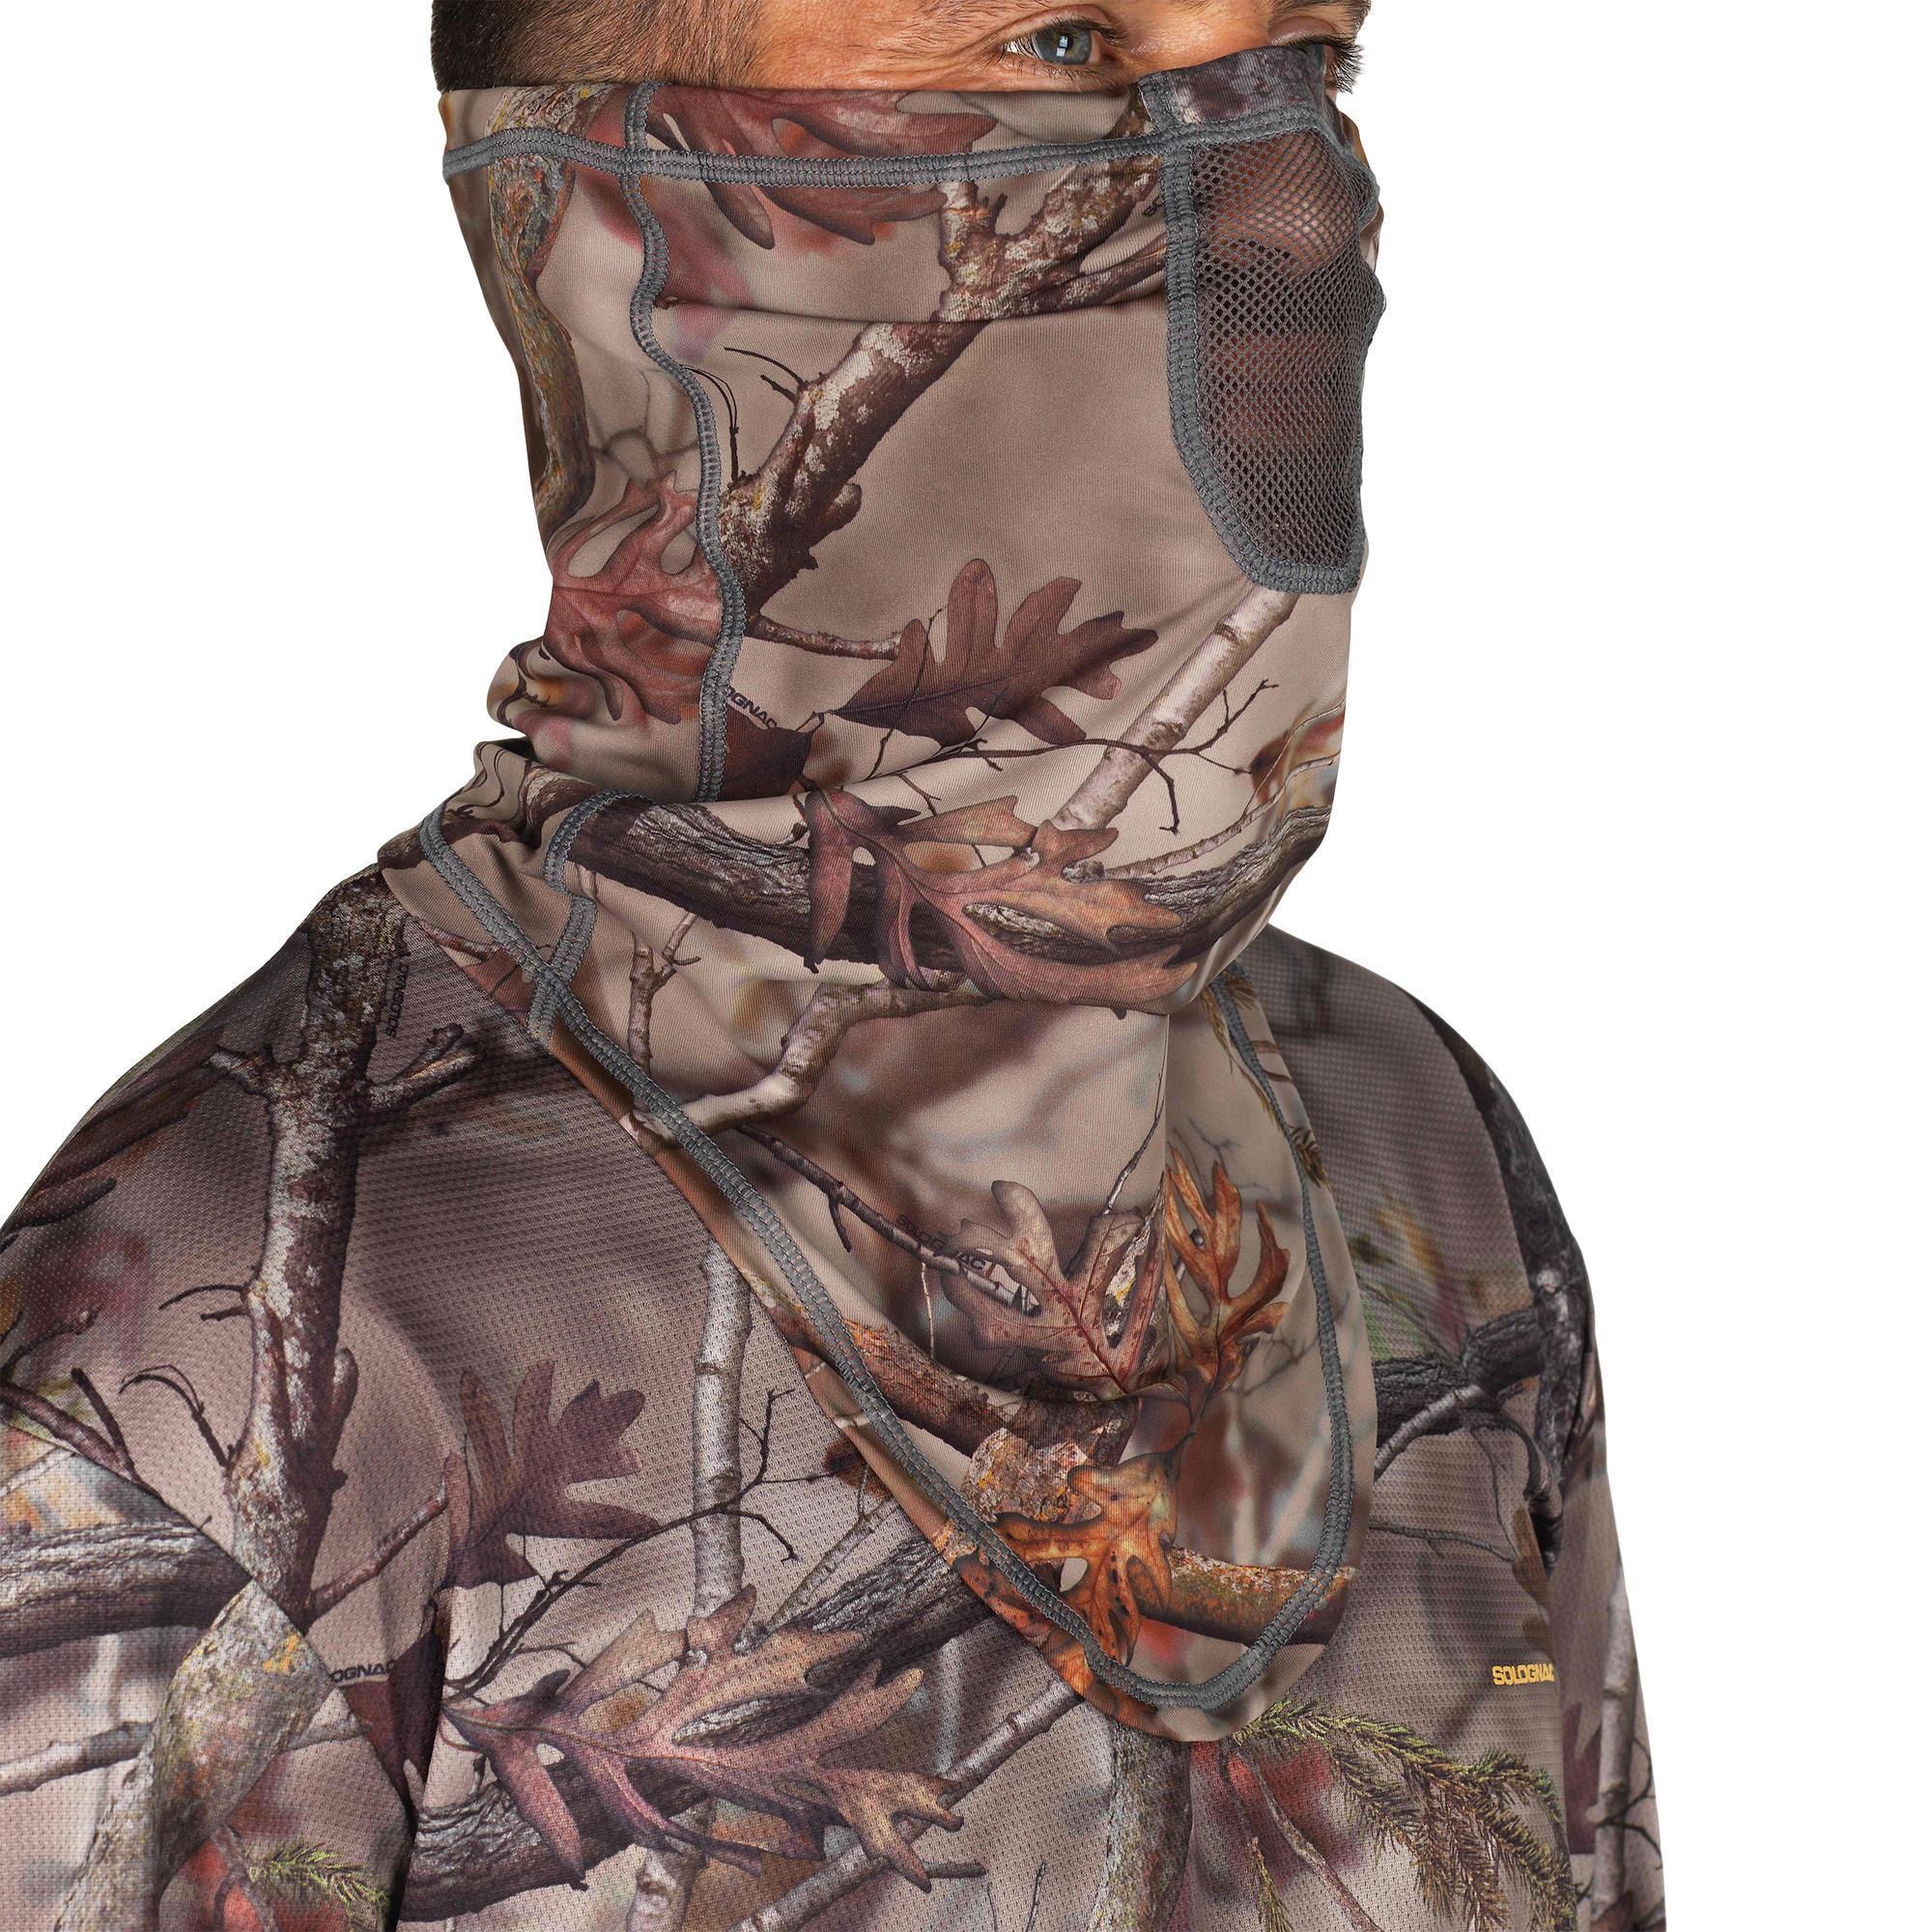 Jagd-Schlauchschal 500 Atmungsaktiv Camouflage Braun | Accessoires > Schals & Tücher | Braun - Khaki | Solognac